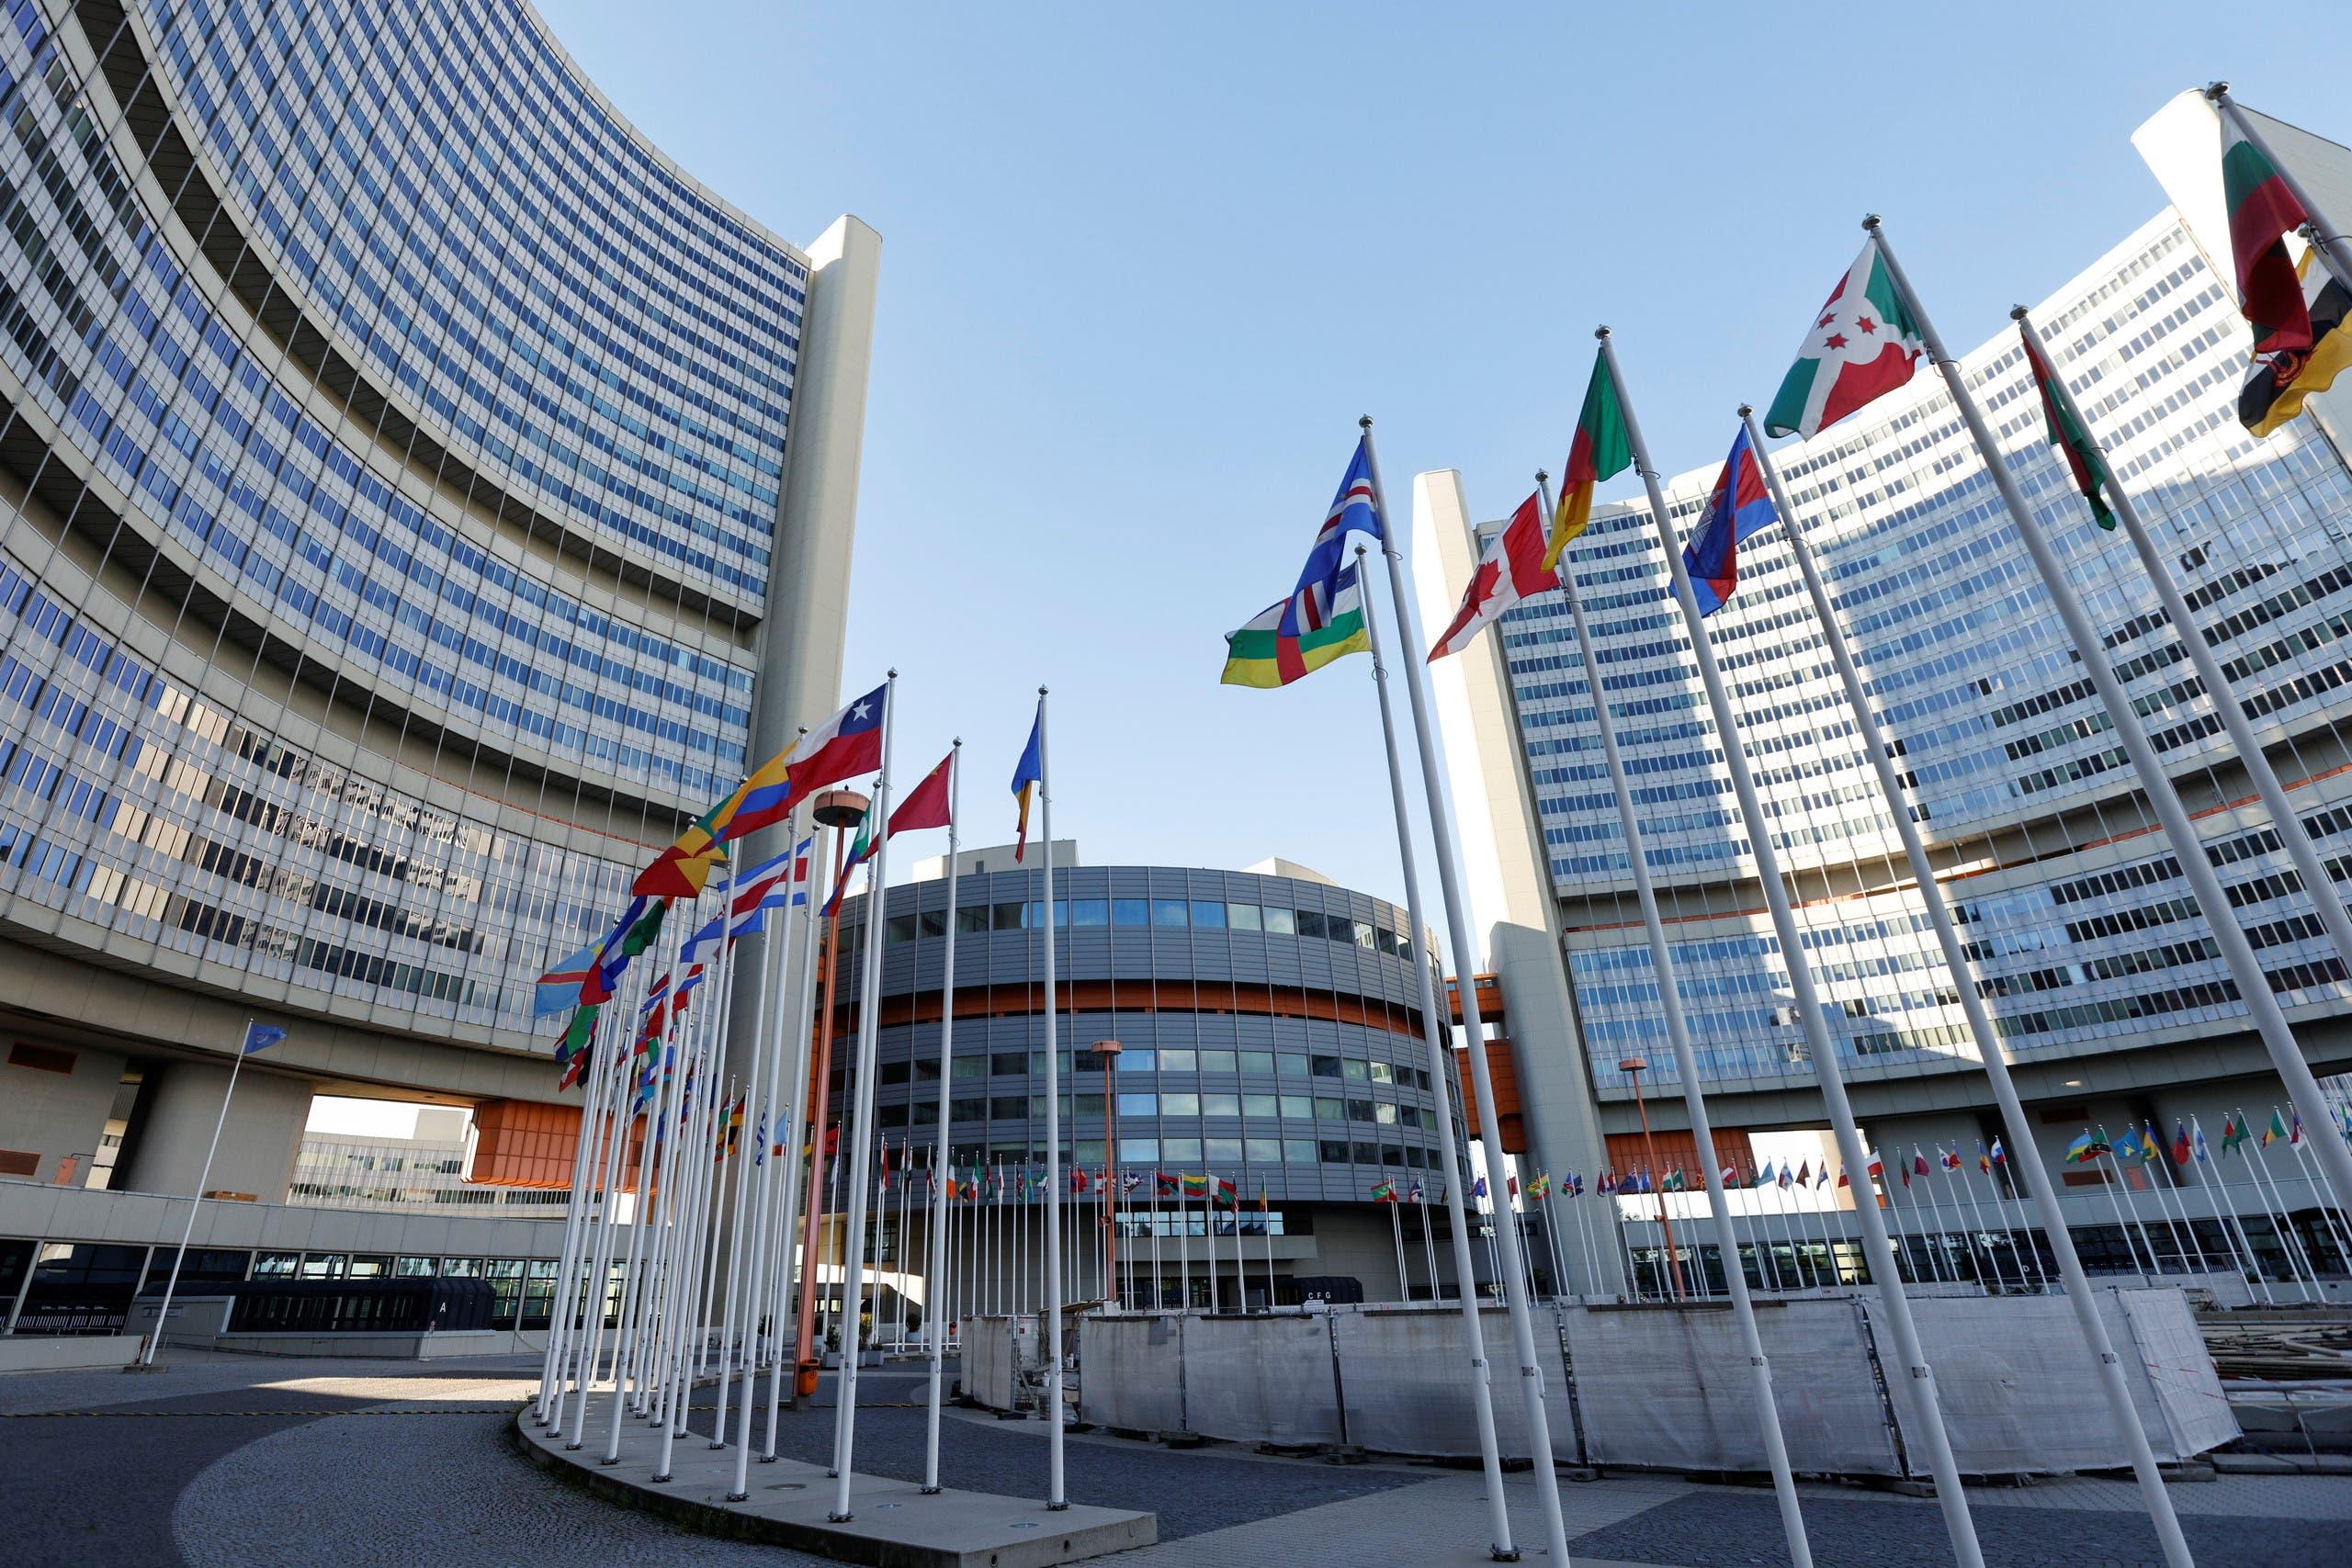 مبنى الوكالة الدولية للطاقة الذرية في جنيف (رويترز)